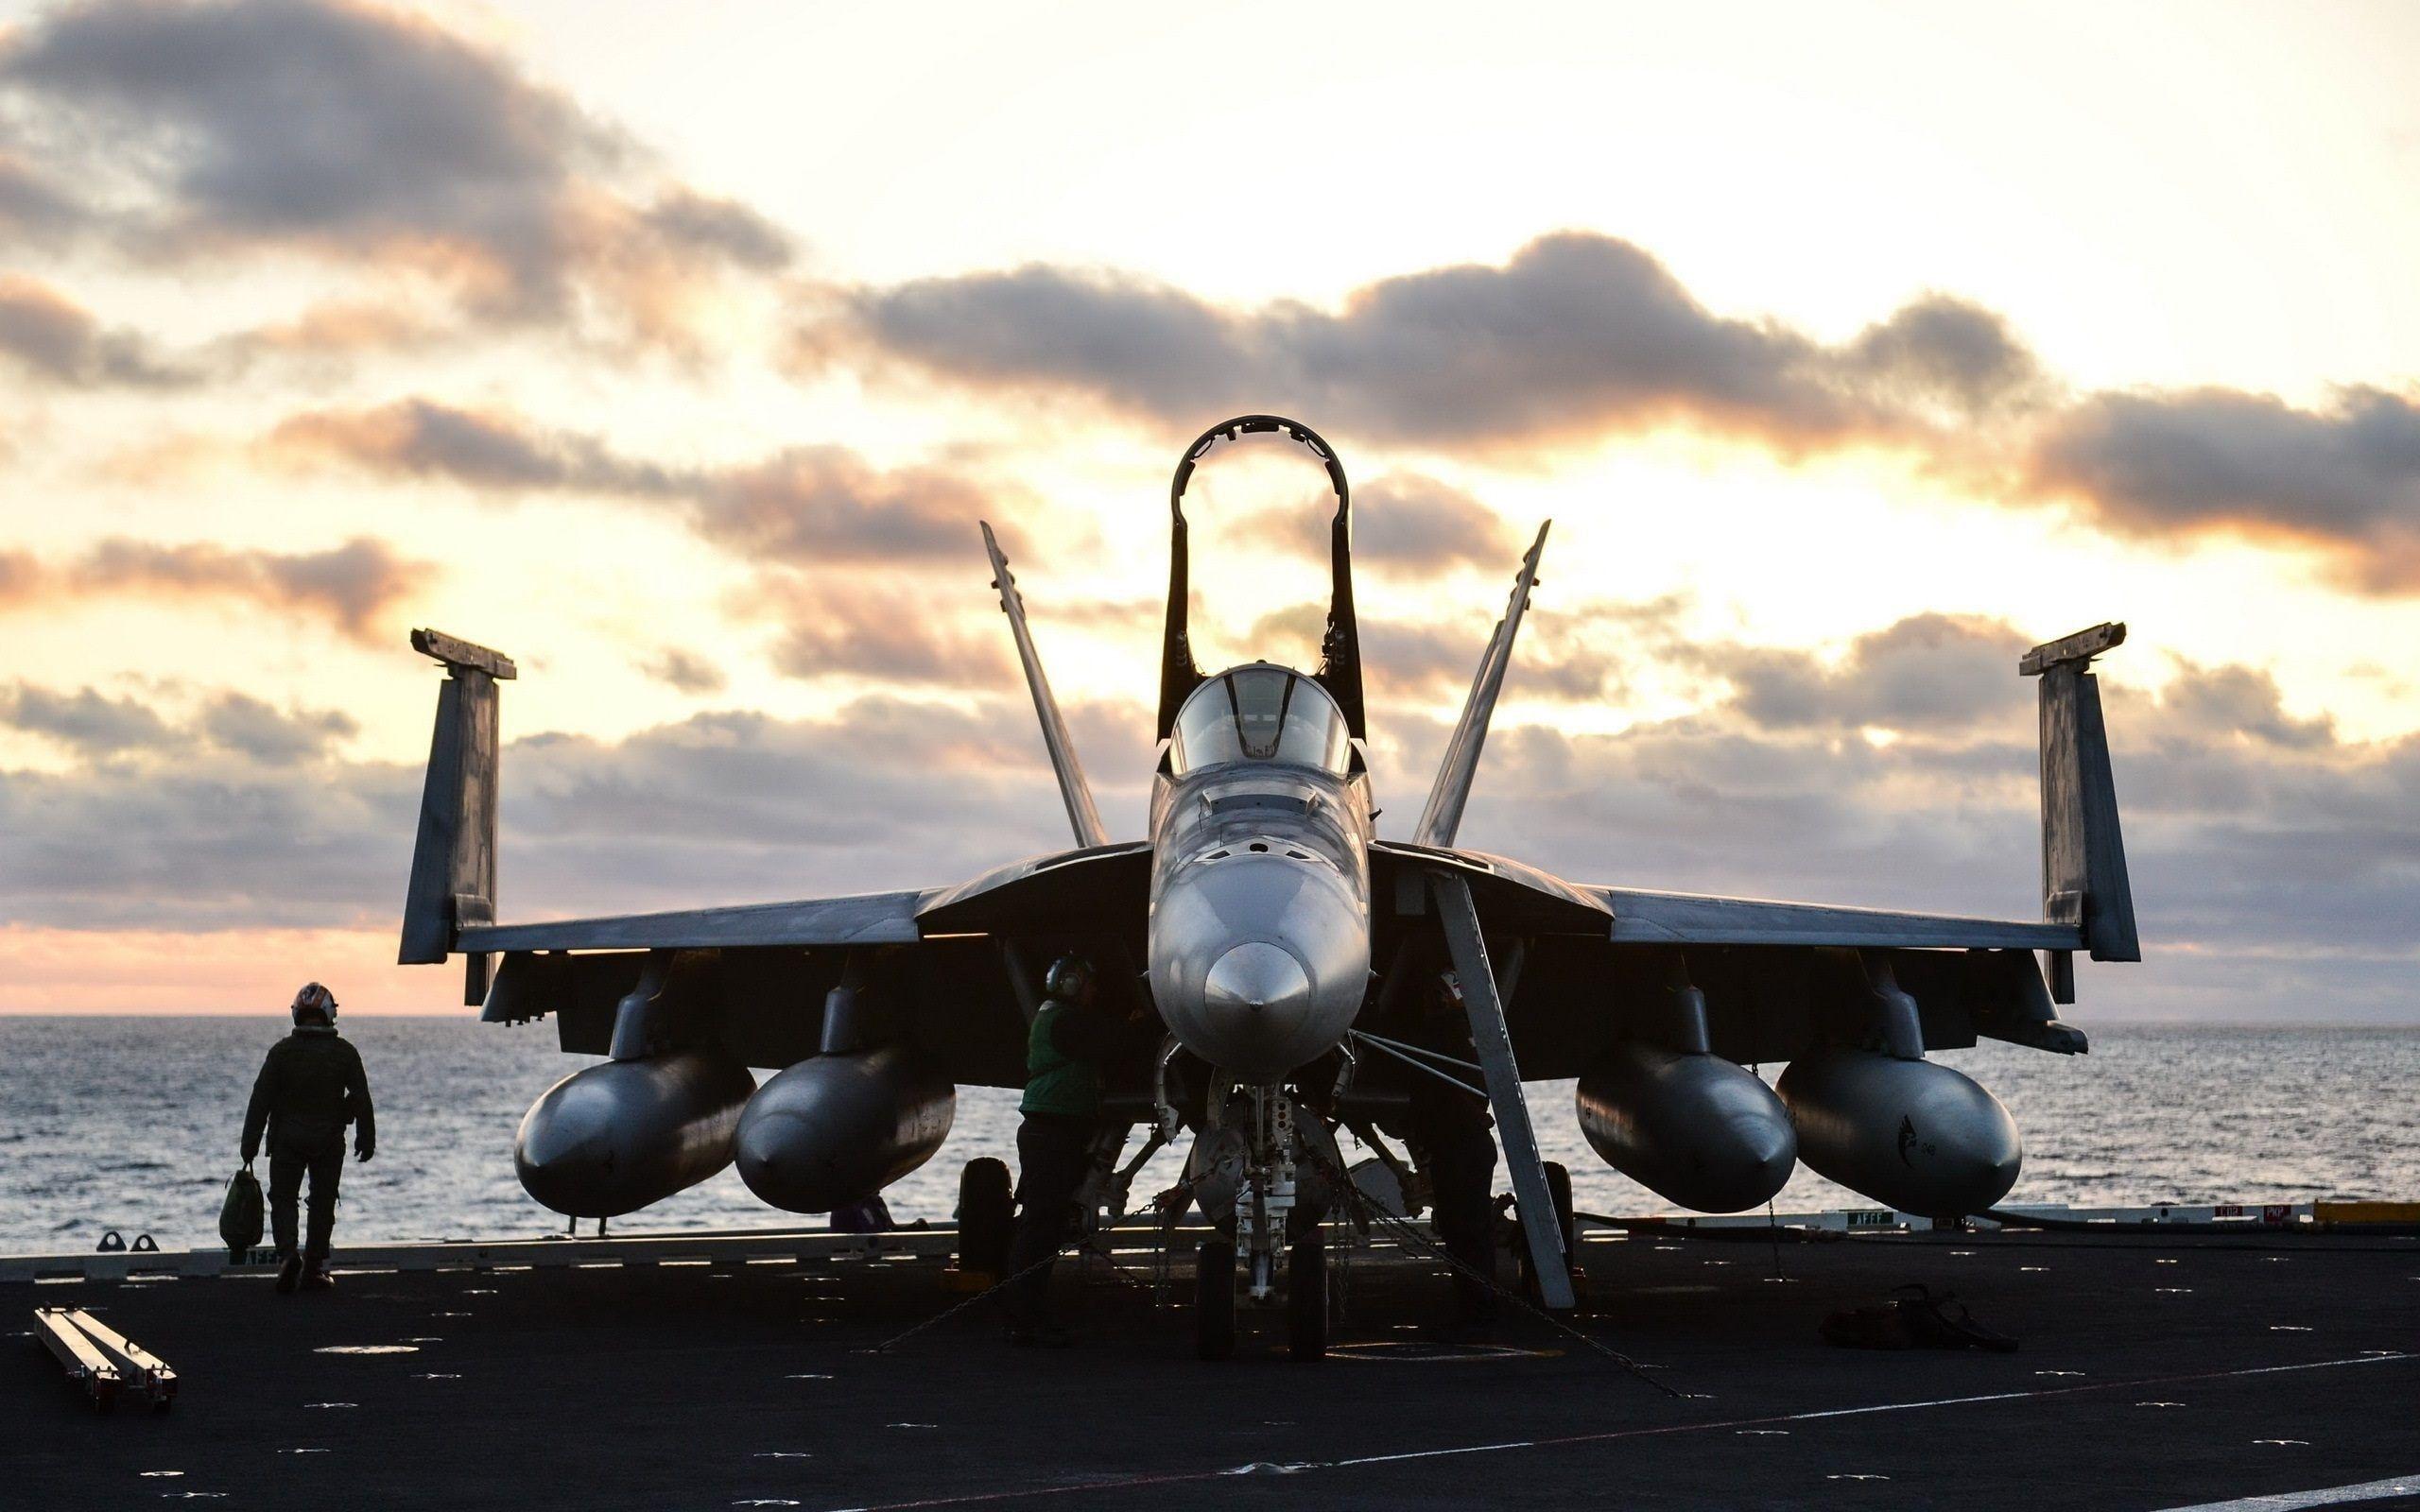 Pin On Aviones De Combate Good aircrafts military hd wallpaper